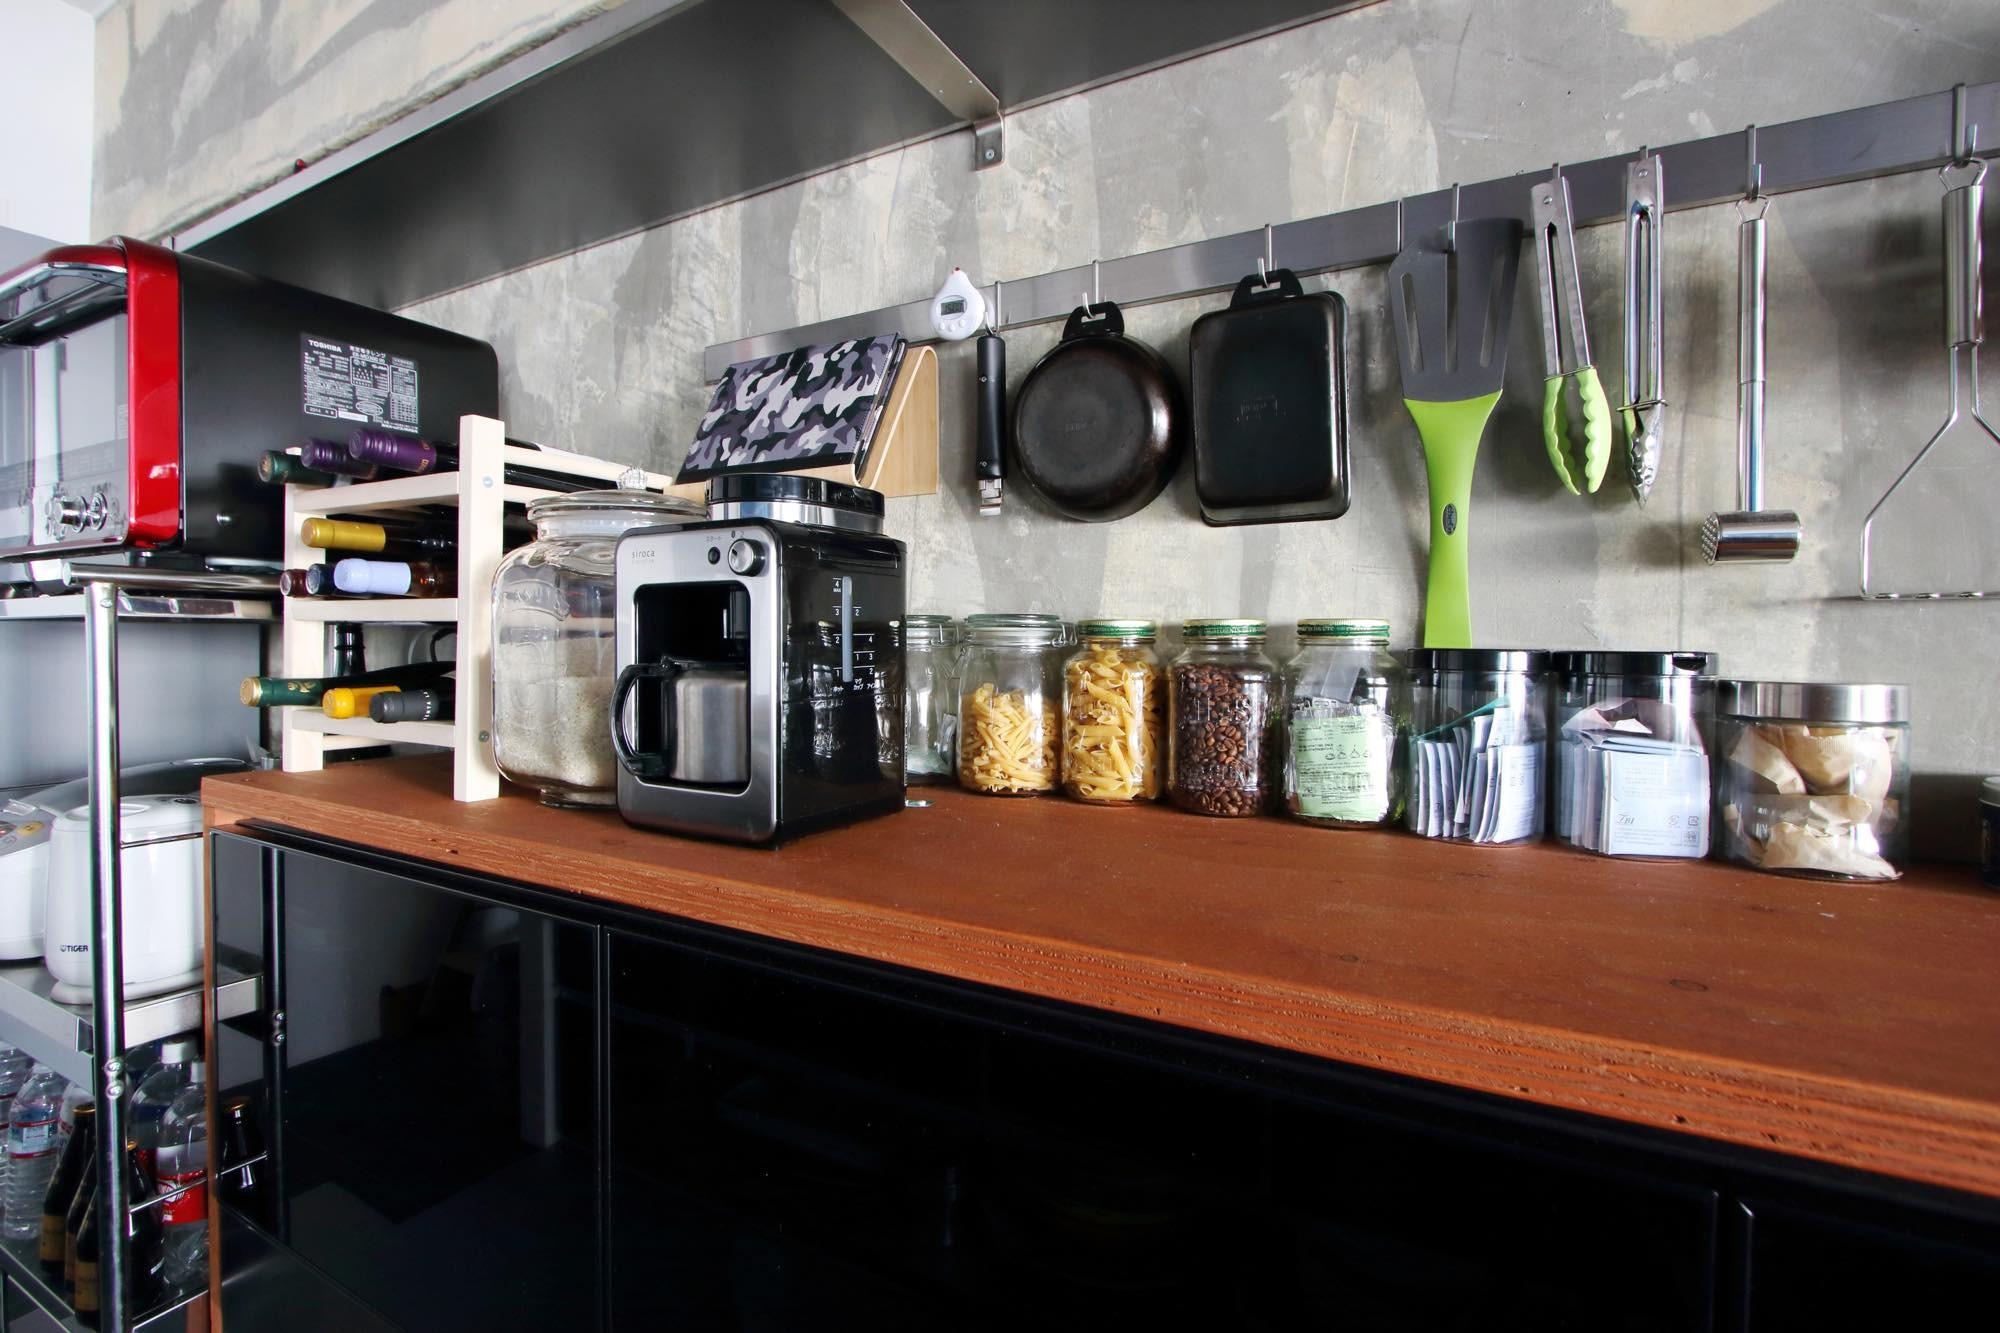 キッチン事例:キッチンバックカウンター(ダイニングテーブルが主役の家)